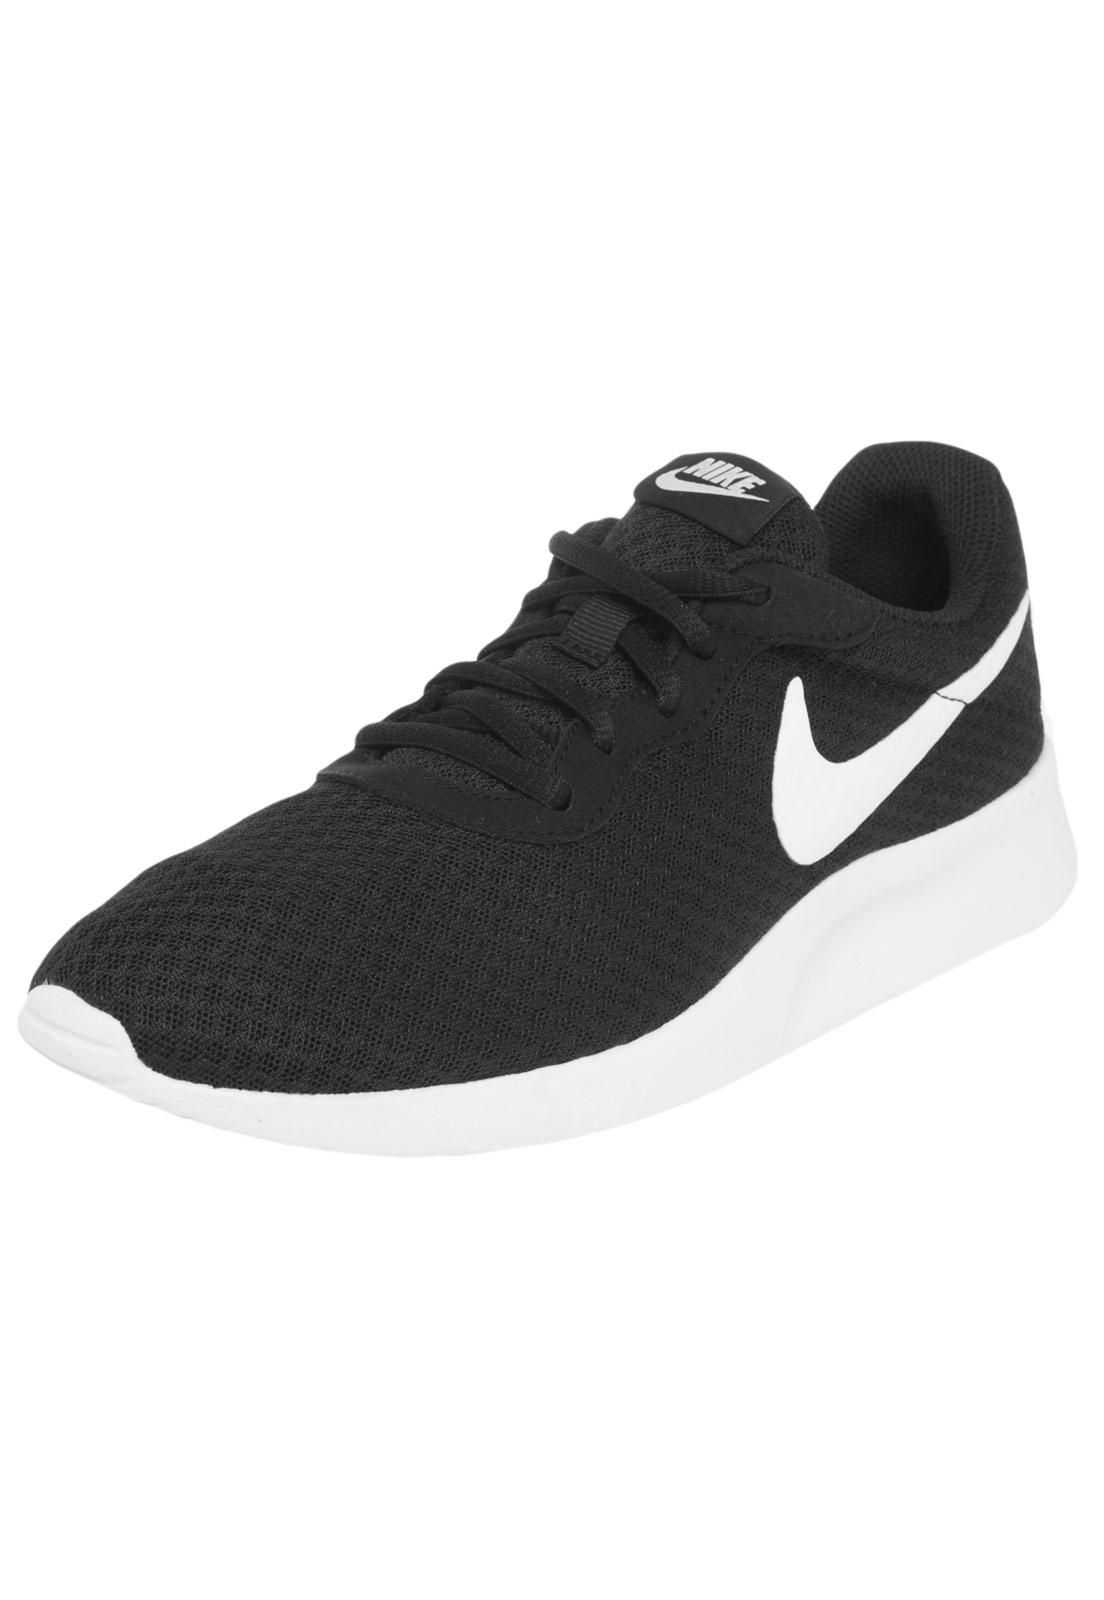 Tênis Nike Sportswear WMNS Tanjun BR Preto   Roupas